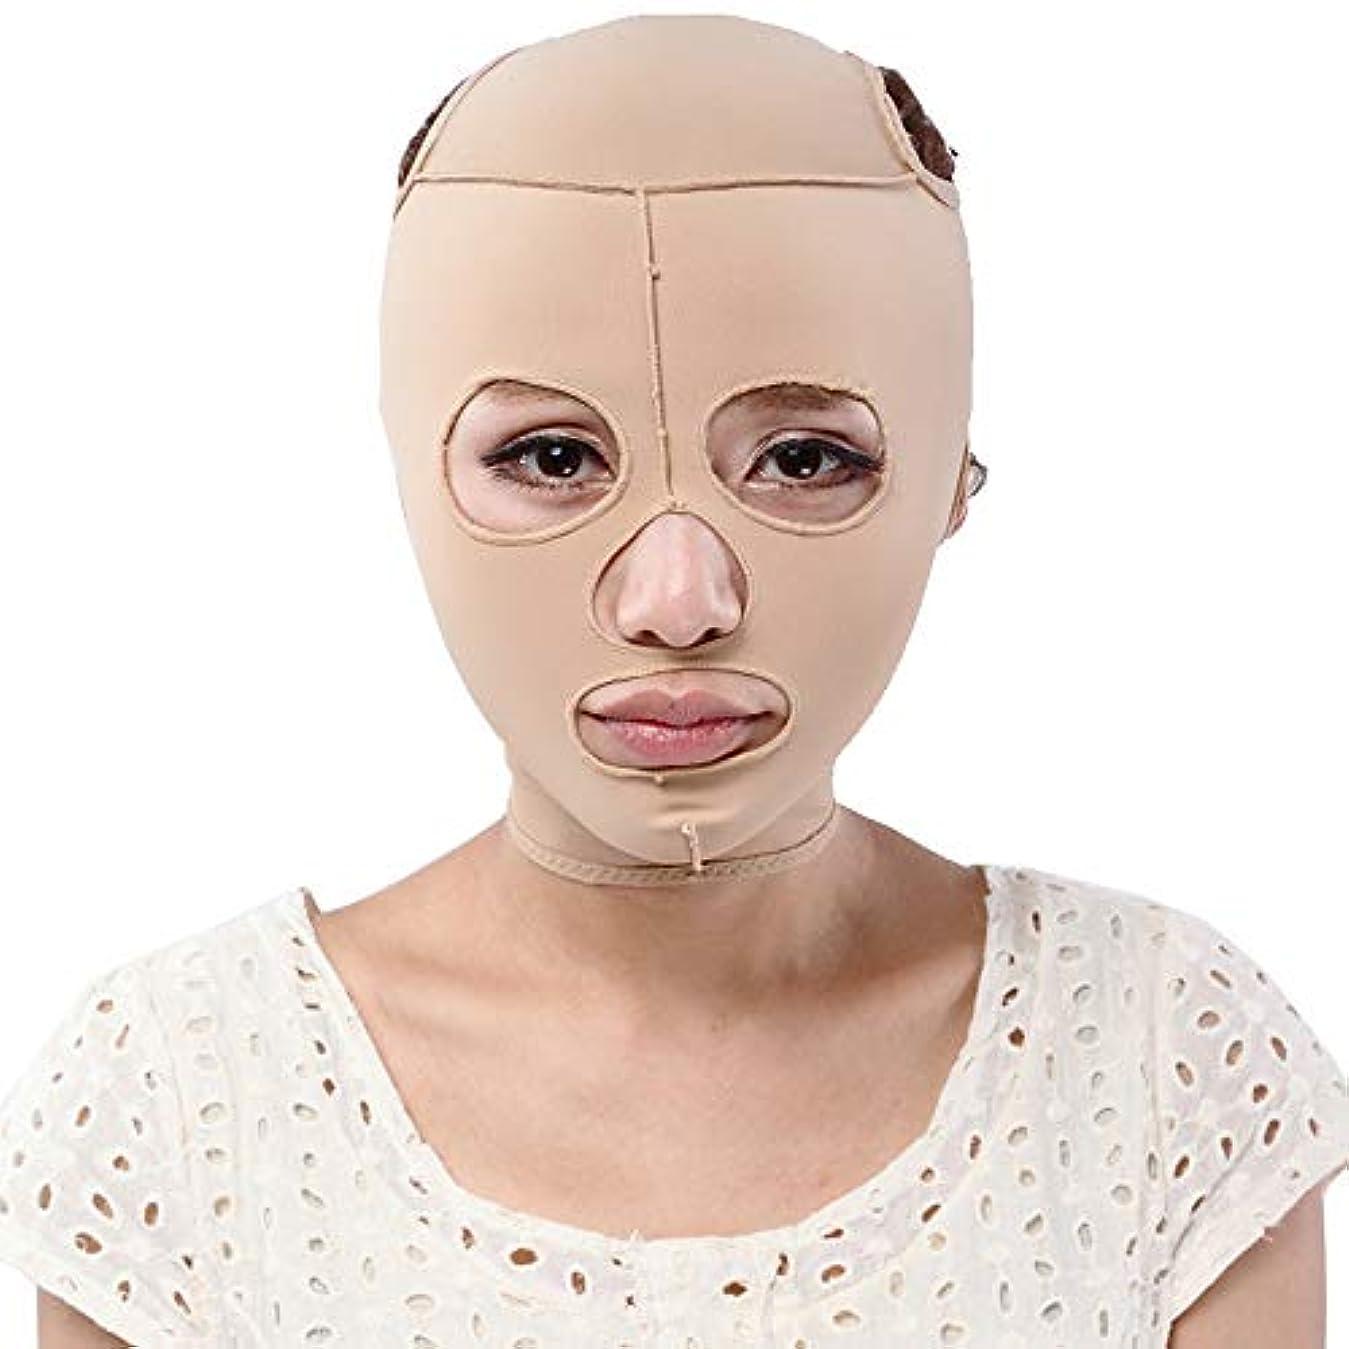 カセット落ち着いて戦士睡眠薄い顔の包帯、ダブル顎の顔を持ち上げる小物V顔マスクタイプリフティングフェイシャル,S